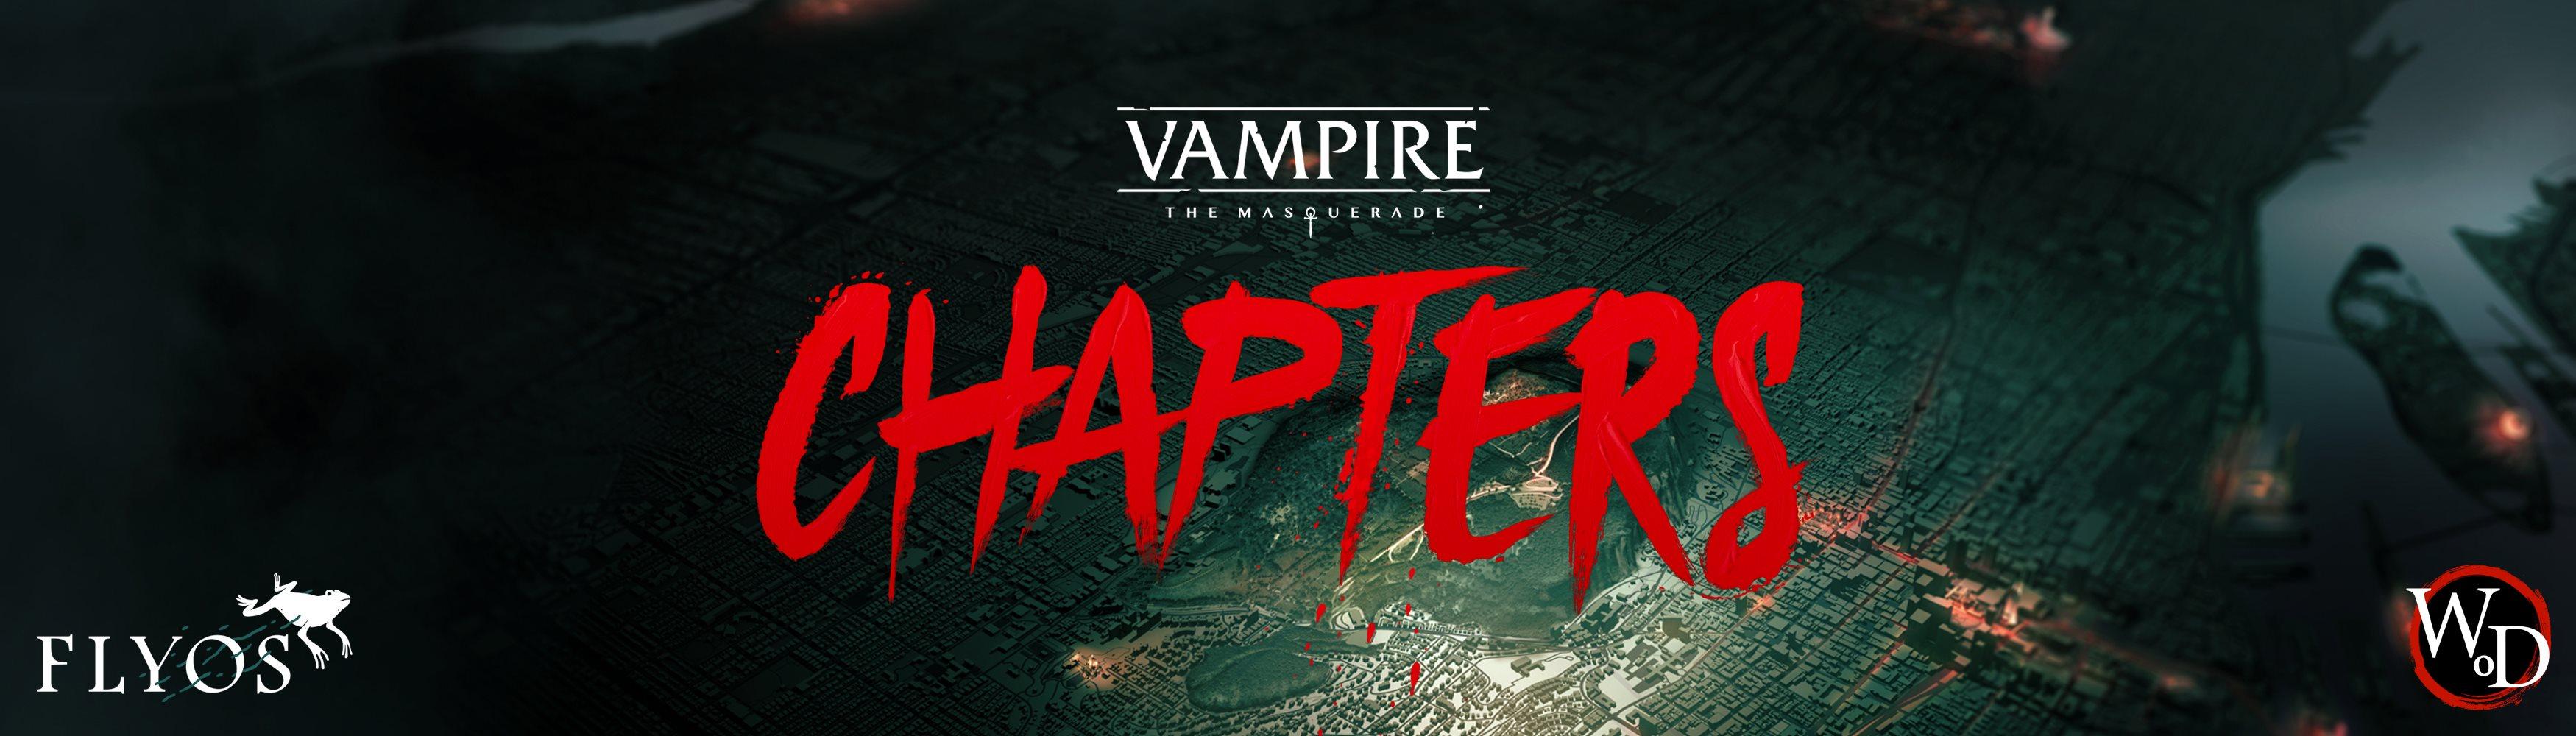 Vampire_Banner